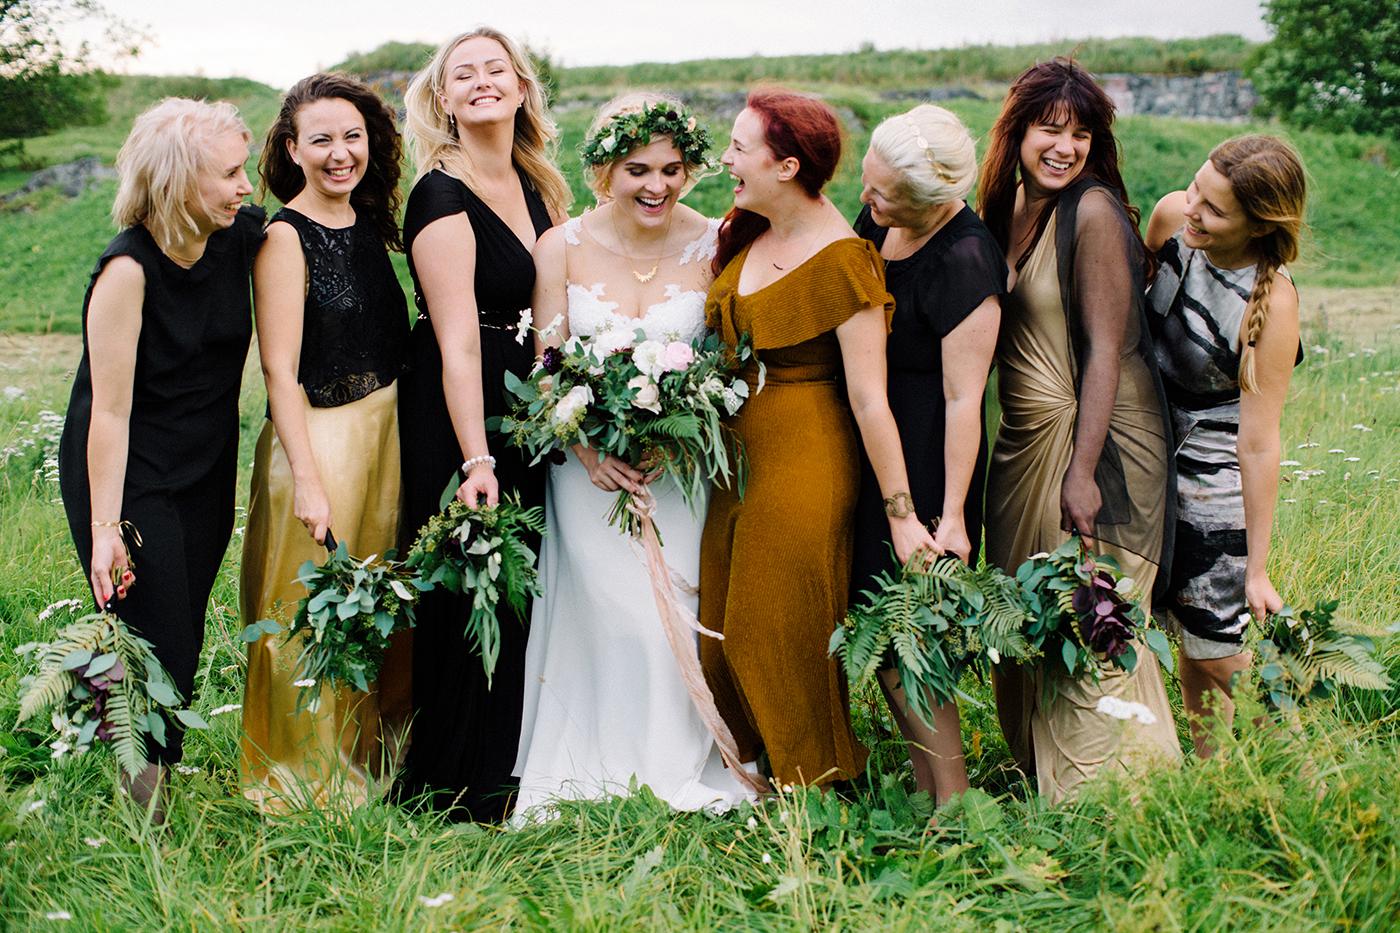 Indie Glam Wedding Tenalji von Fersen Suomenlinna (78).jpg